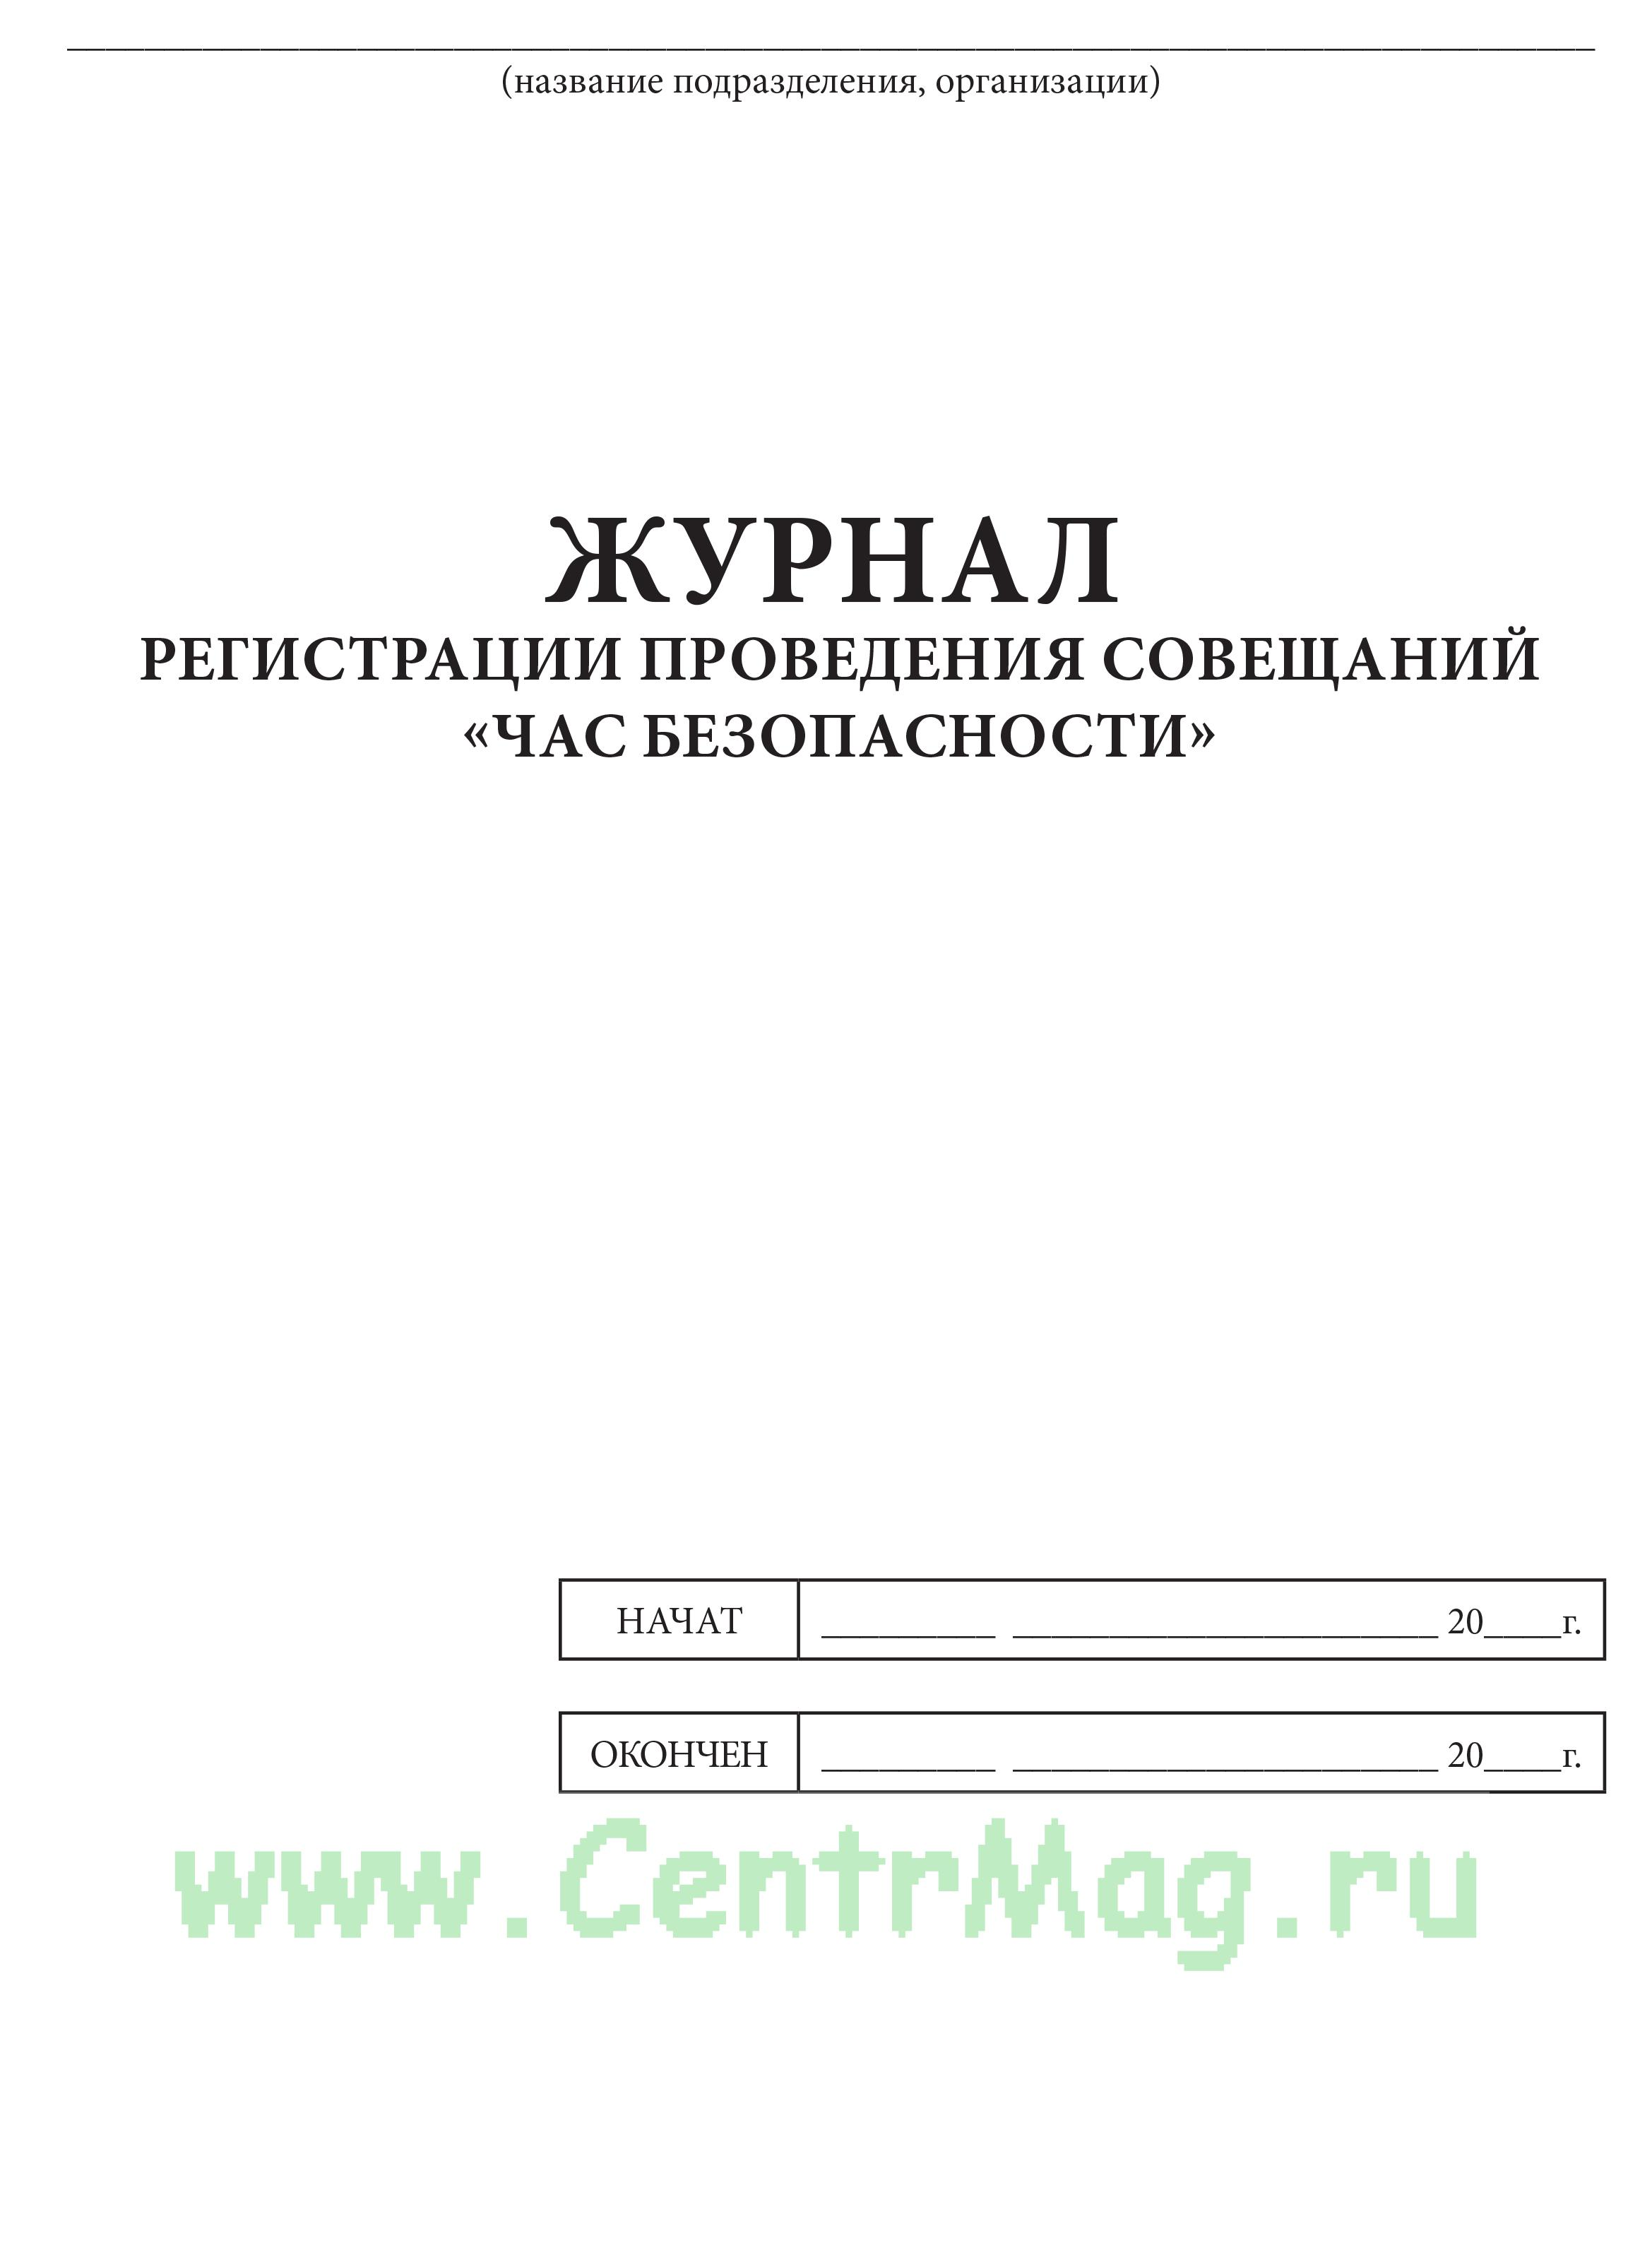 Журнал регистрации проведения совещаний «Час безопасности»